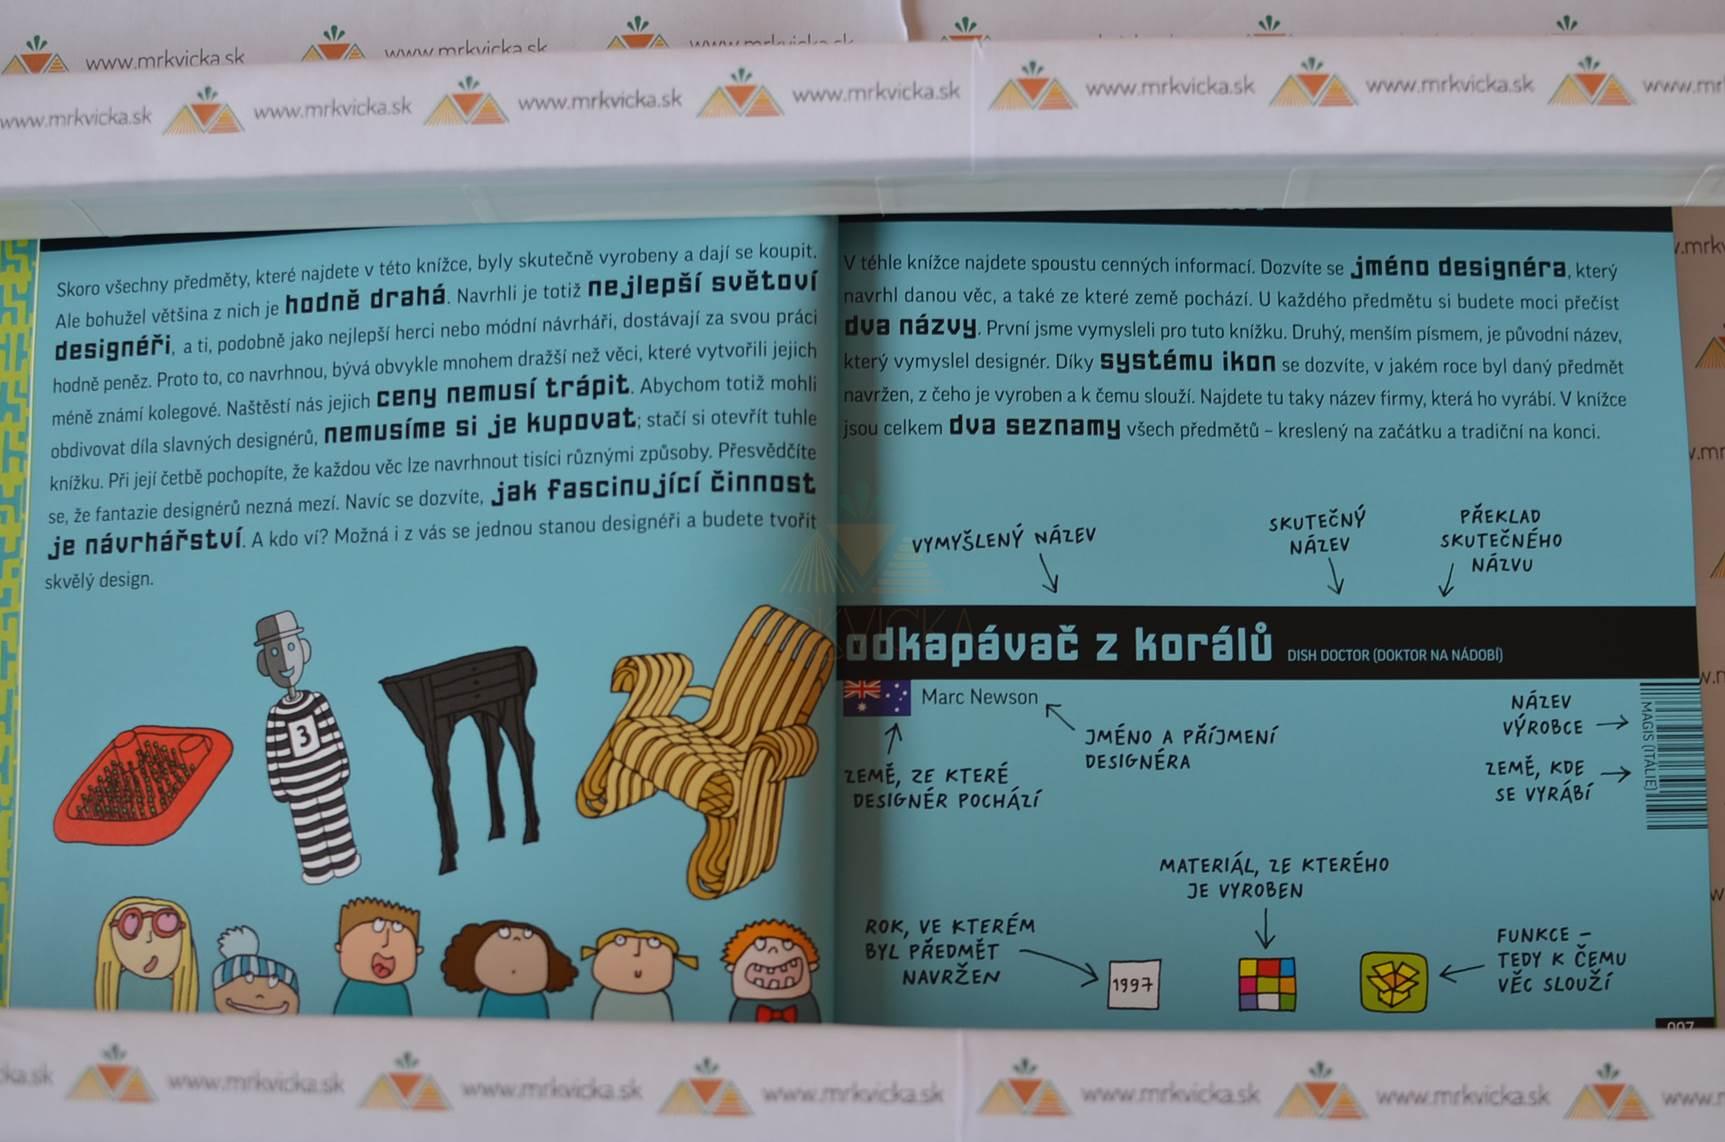 D.E.S.I.G.N.: Domácí encyklopedie seriózních i groteskních návrhů